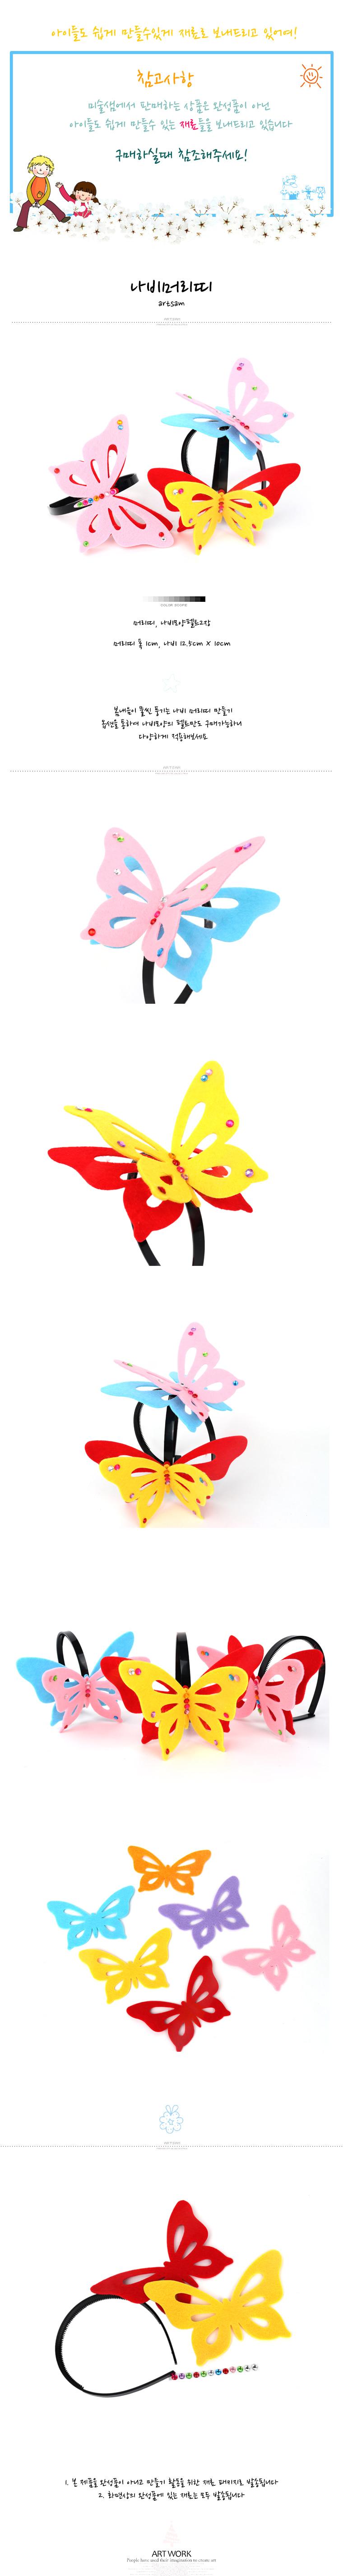 나비머리띠 - 미술샘, 1,300원, 펠트공예, 열쇠고리/소품 패키지